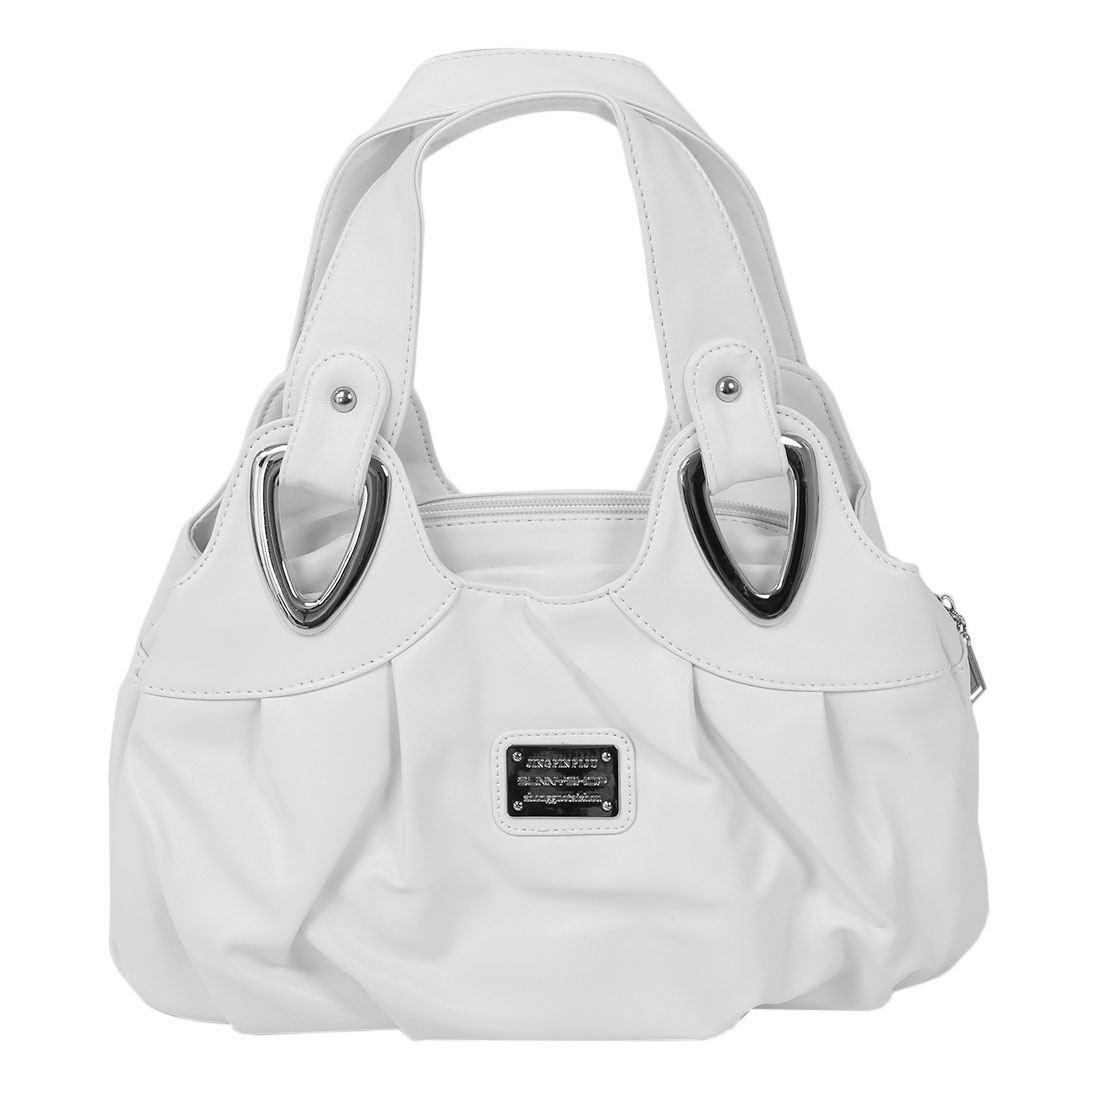 e46bb7486c8 Fashion Handbag Women PU Leather Bag Tote Bag Handbags Satchel ...